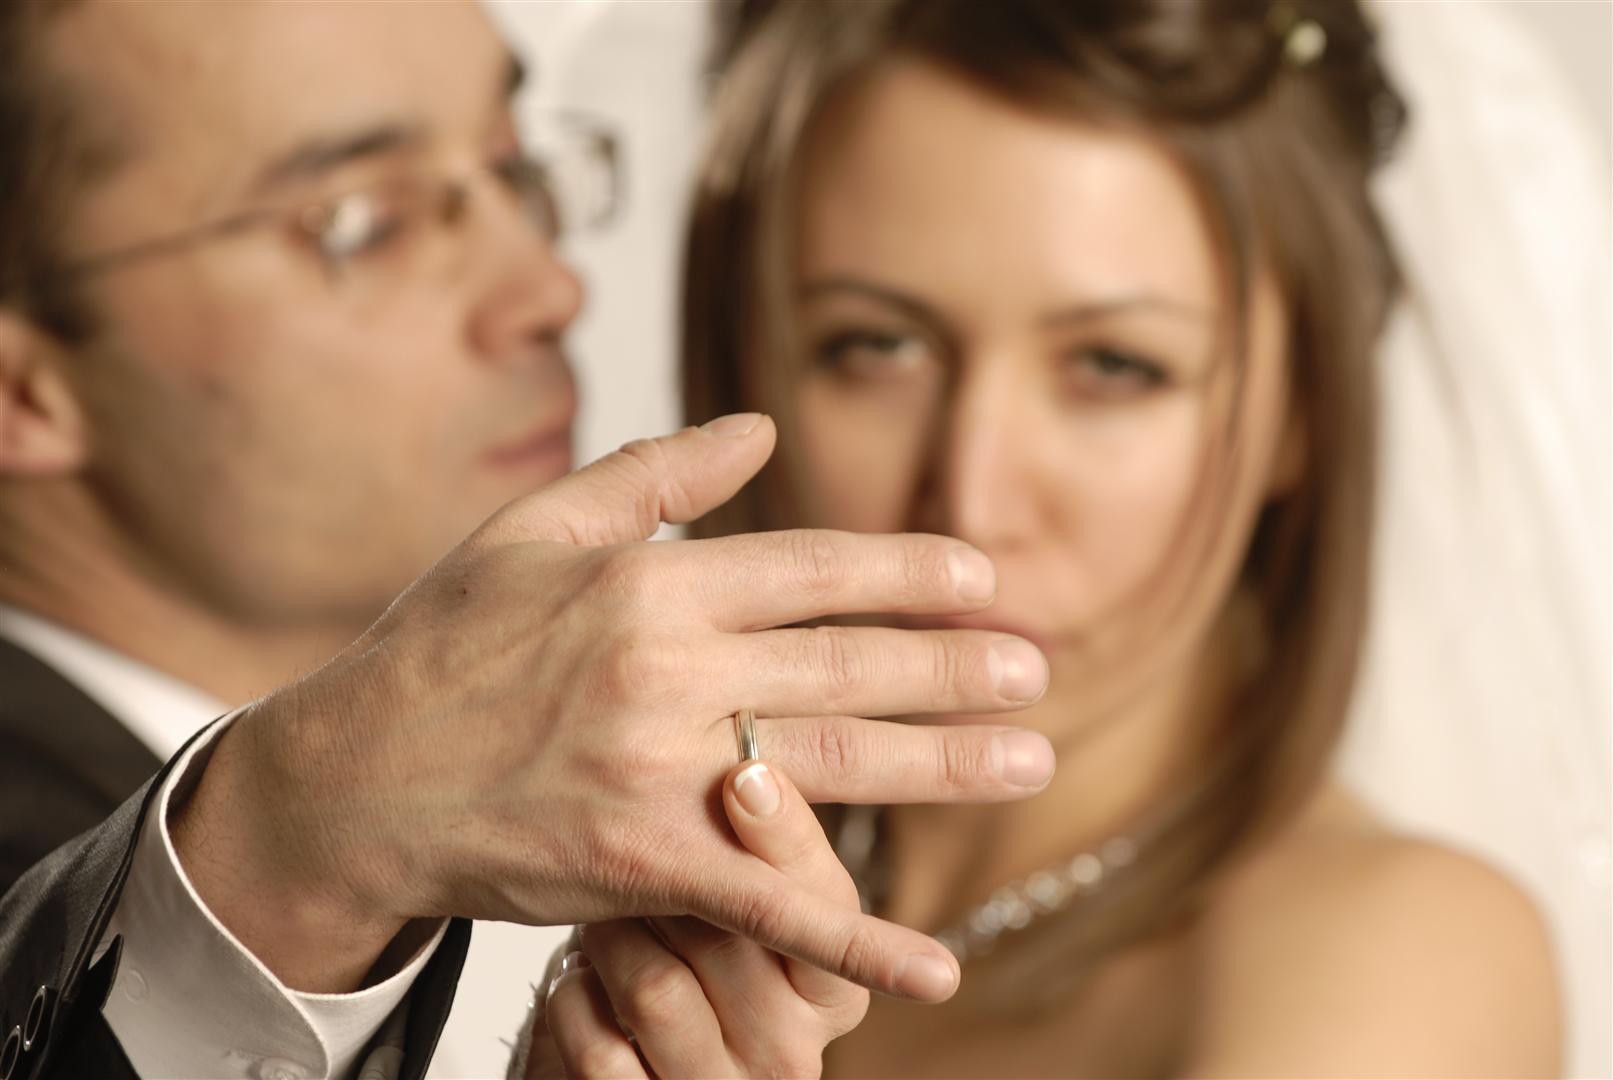 Секс с женатым мужчиной и карма